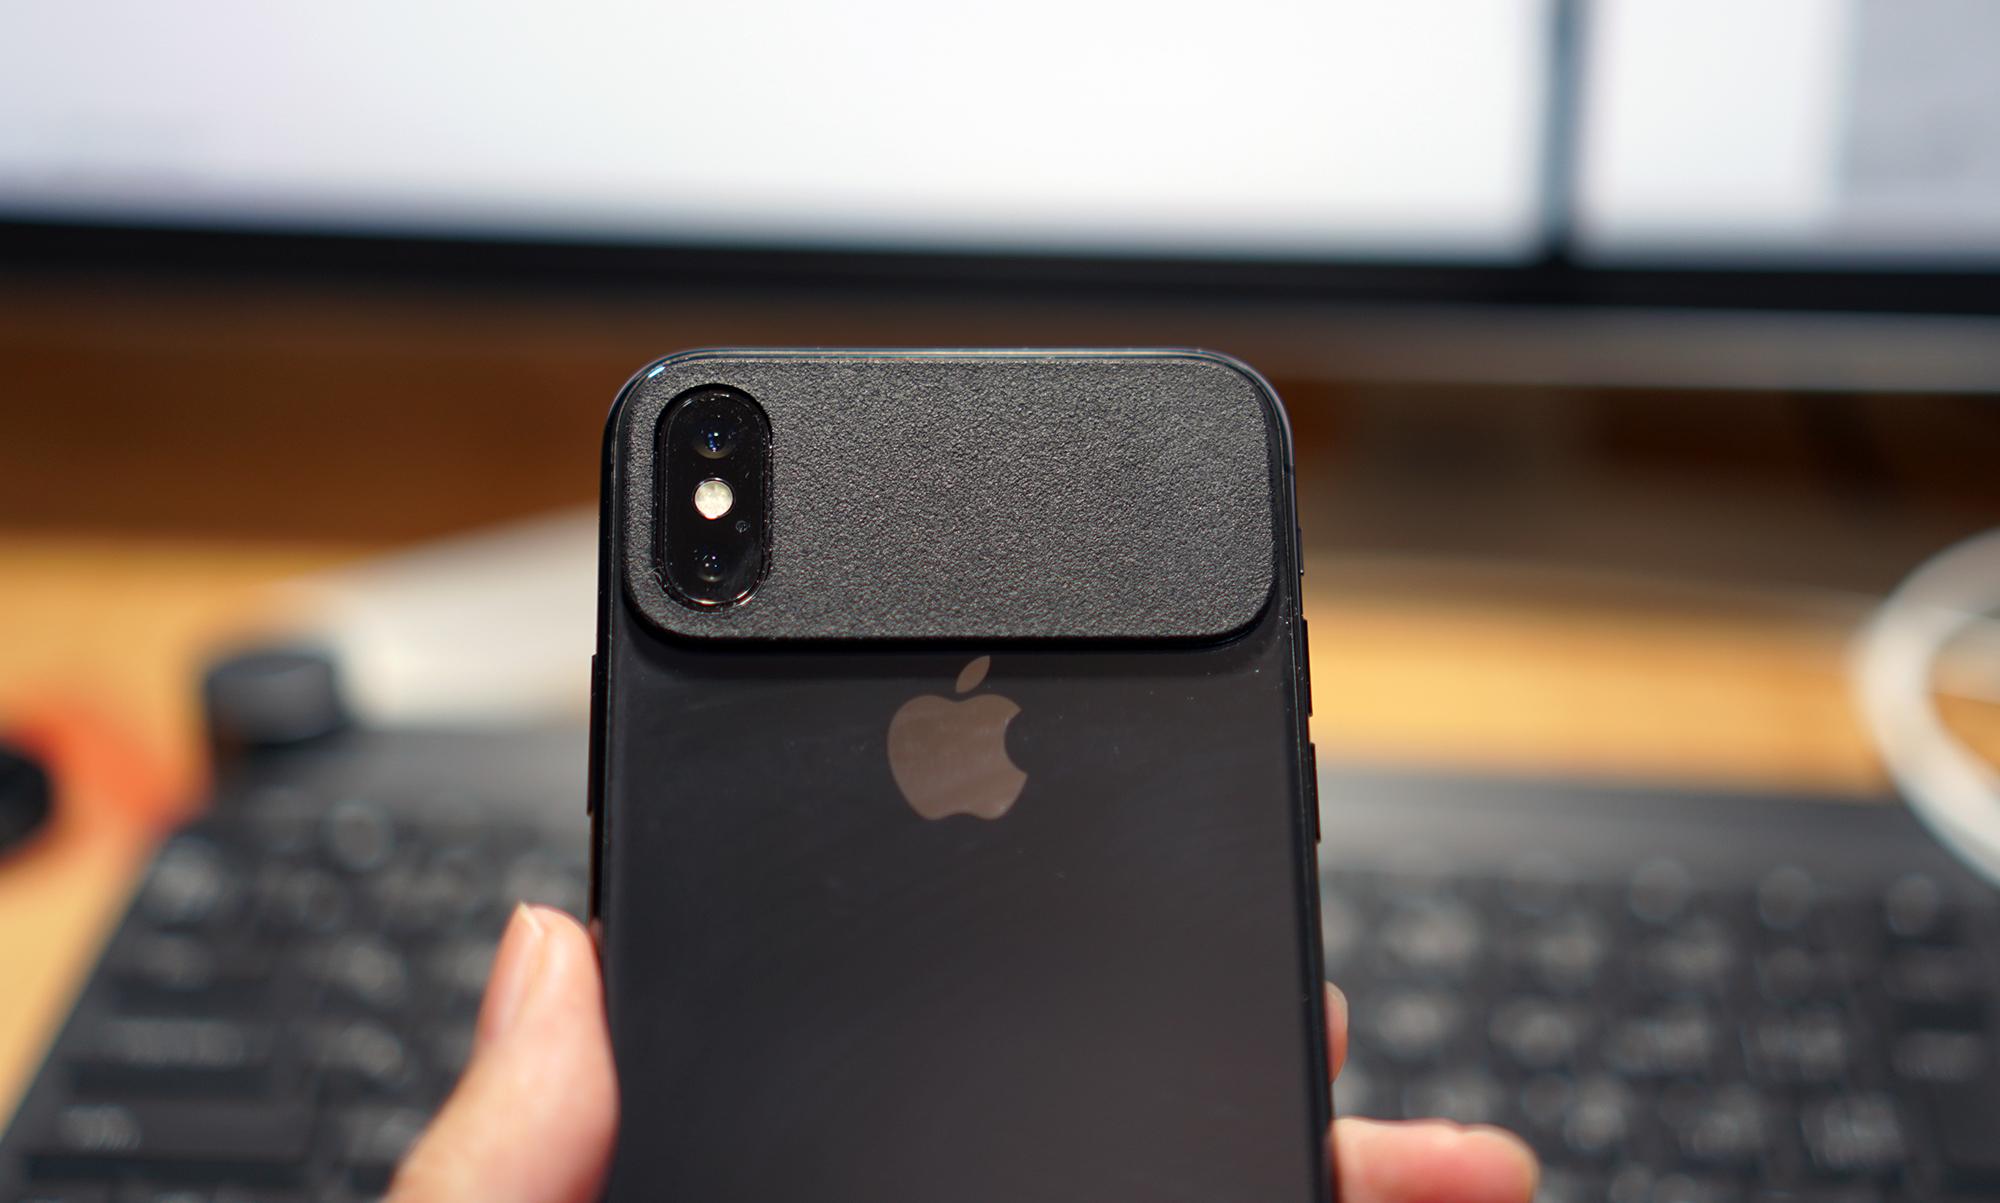 iPhone XのケースをFusion360でデザイン 続き②